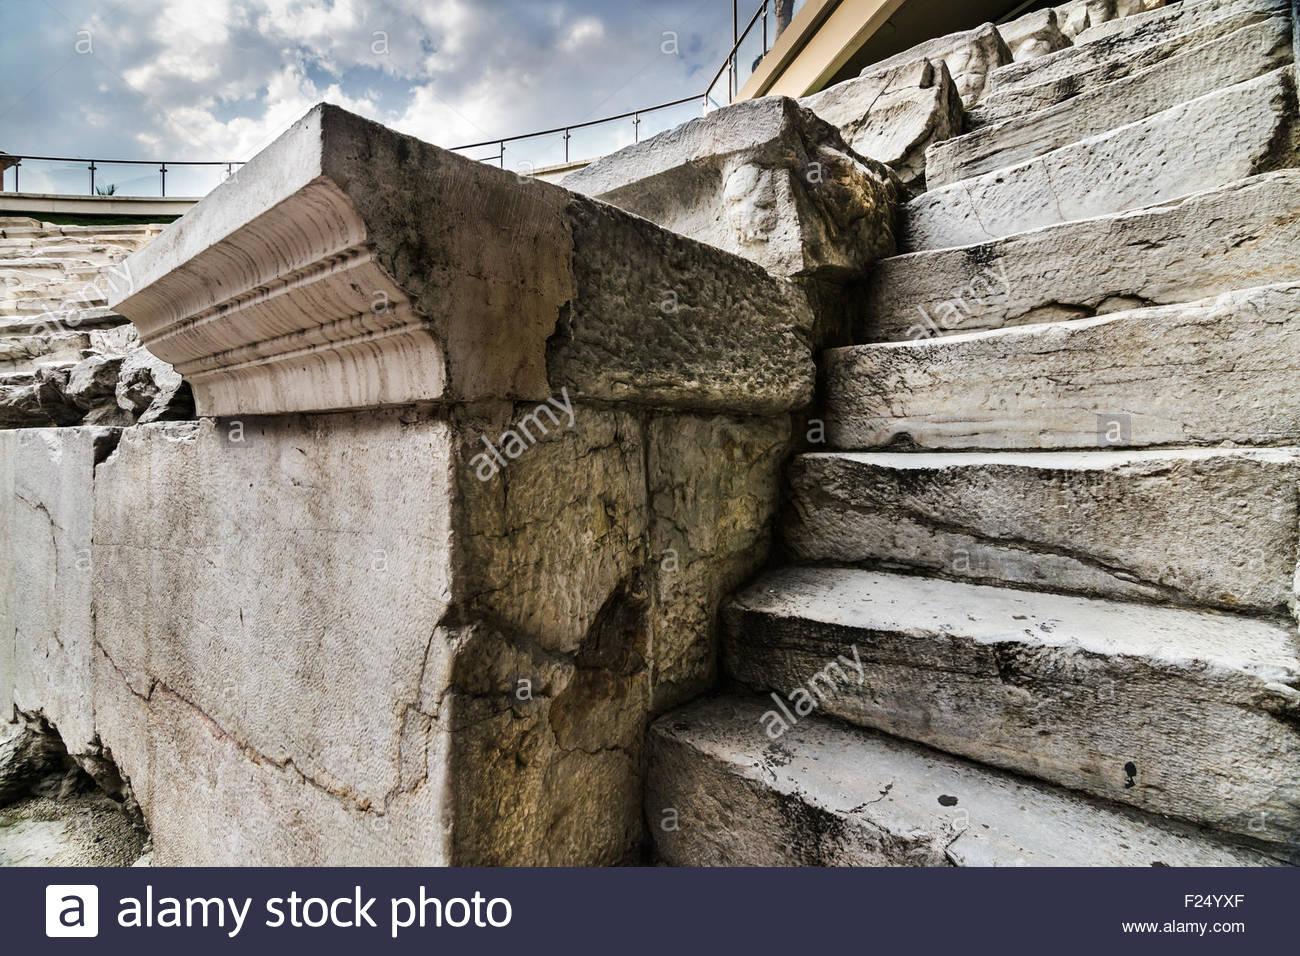 Gladiator Arena Of Roman Stadium With Stairs Closeup Stock Photo